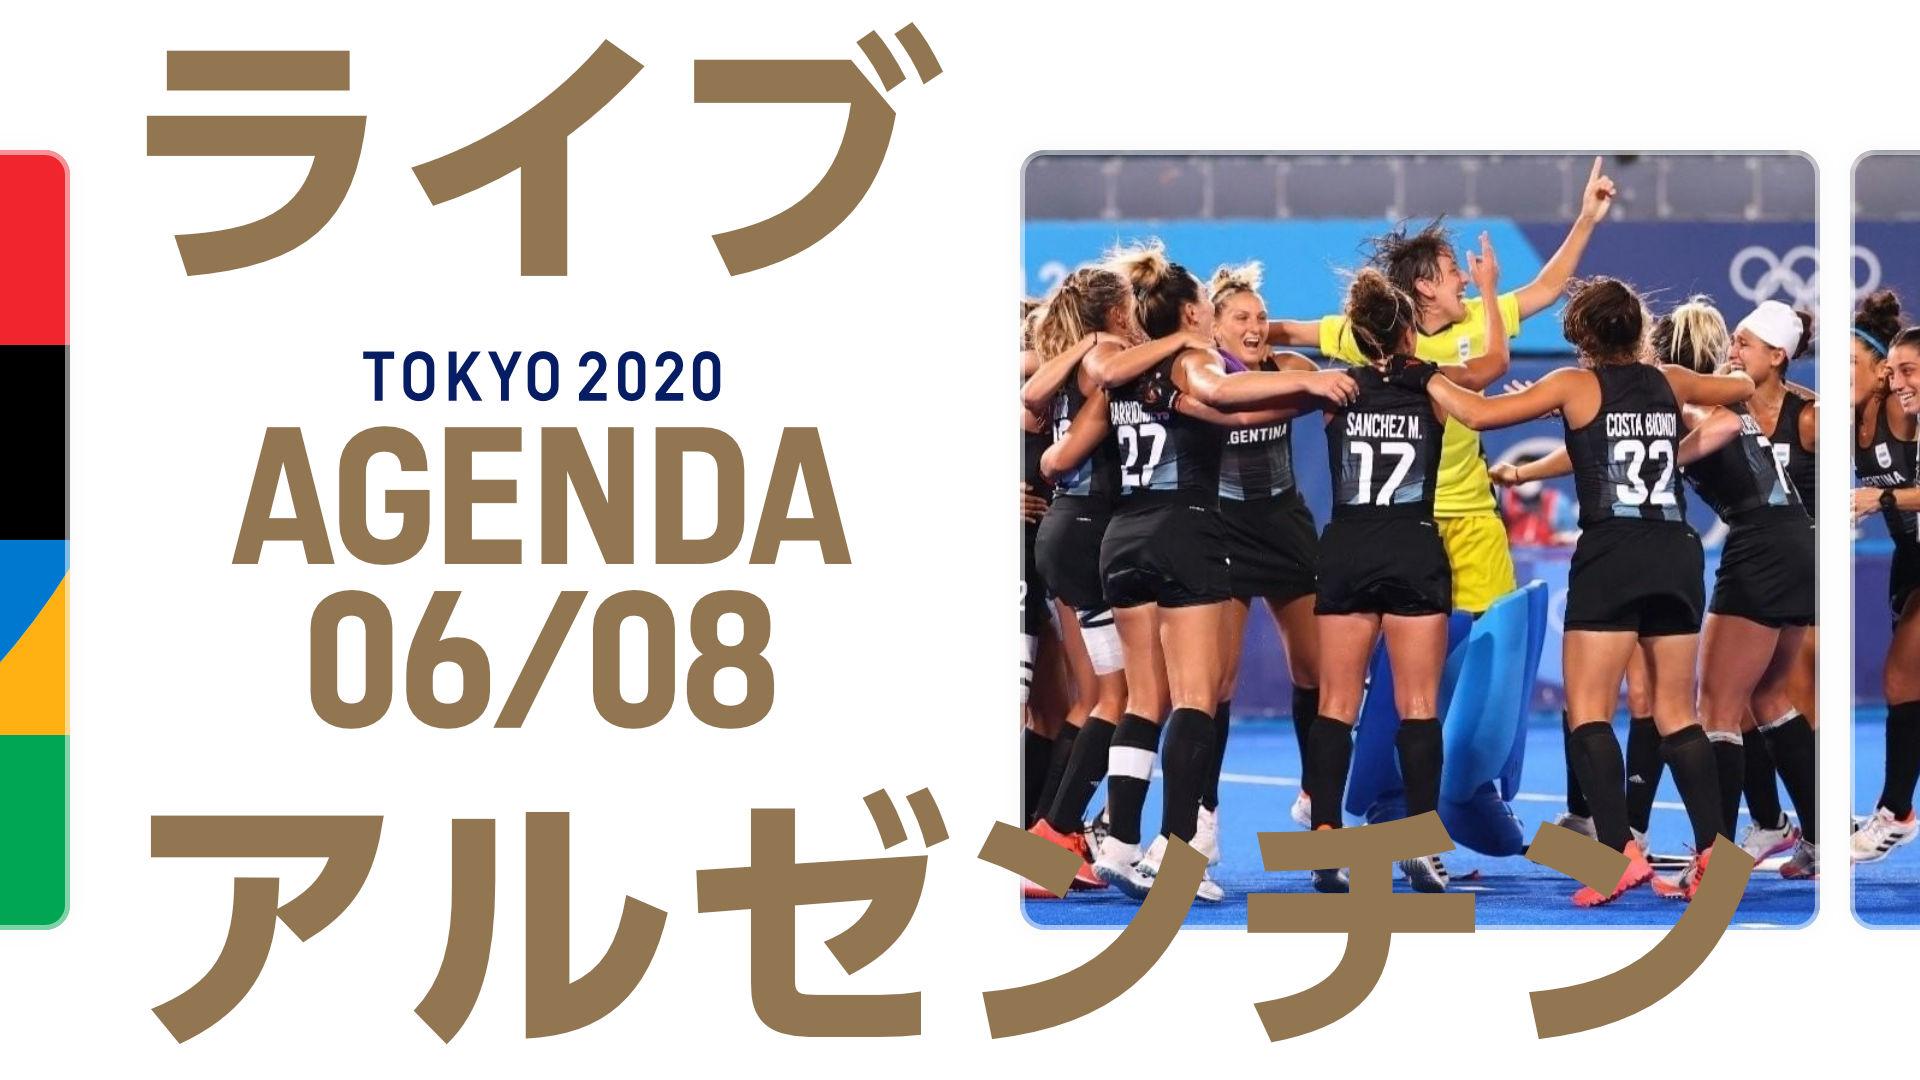 Agenda Argentina en Tokyo 2020: Quiénes compiten el 6 de agosto